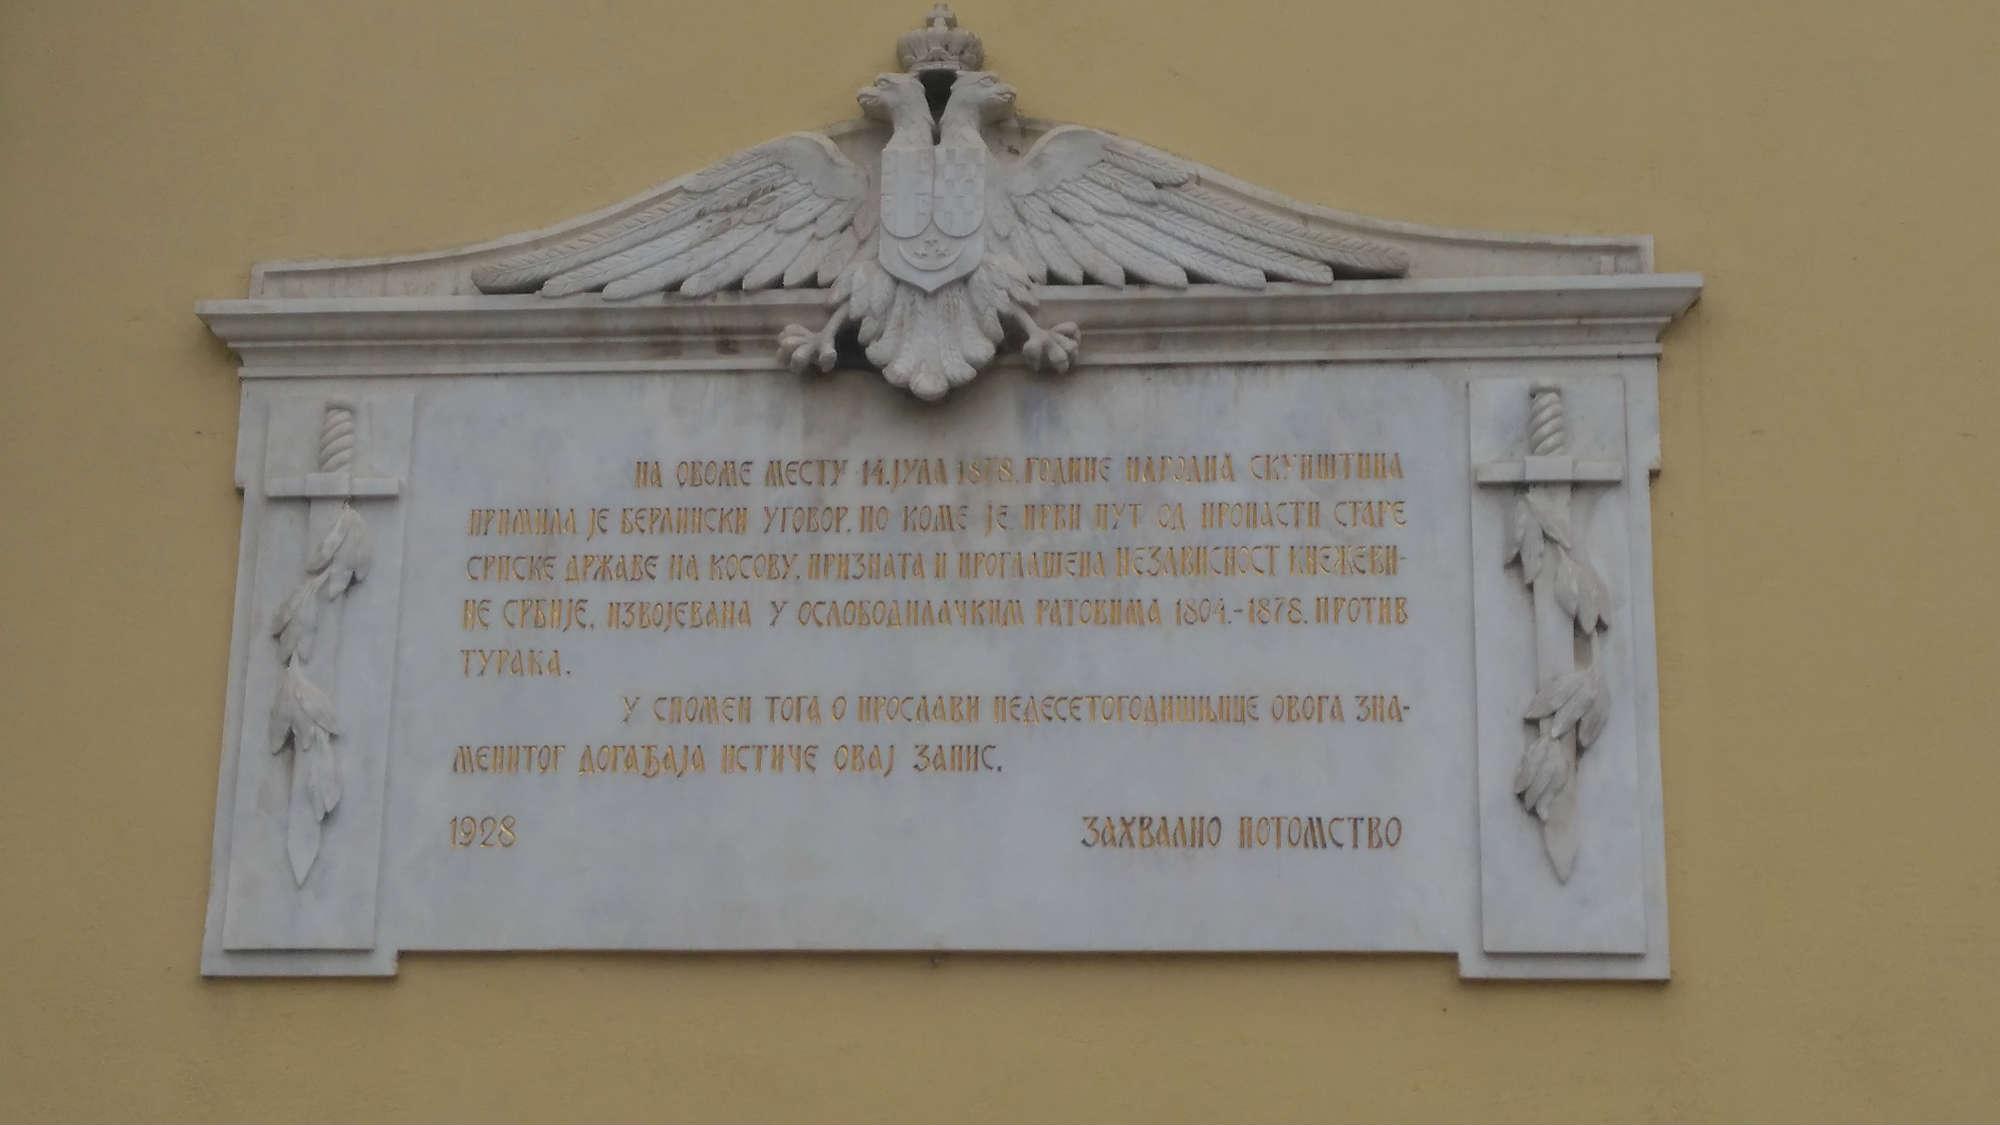 Spomen ploča na Hramu Svete Trojice u Kragujevcu o proglašenju nezavisnosti Srbije za koju je zaslužan Jovan Ristić